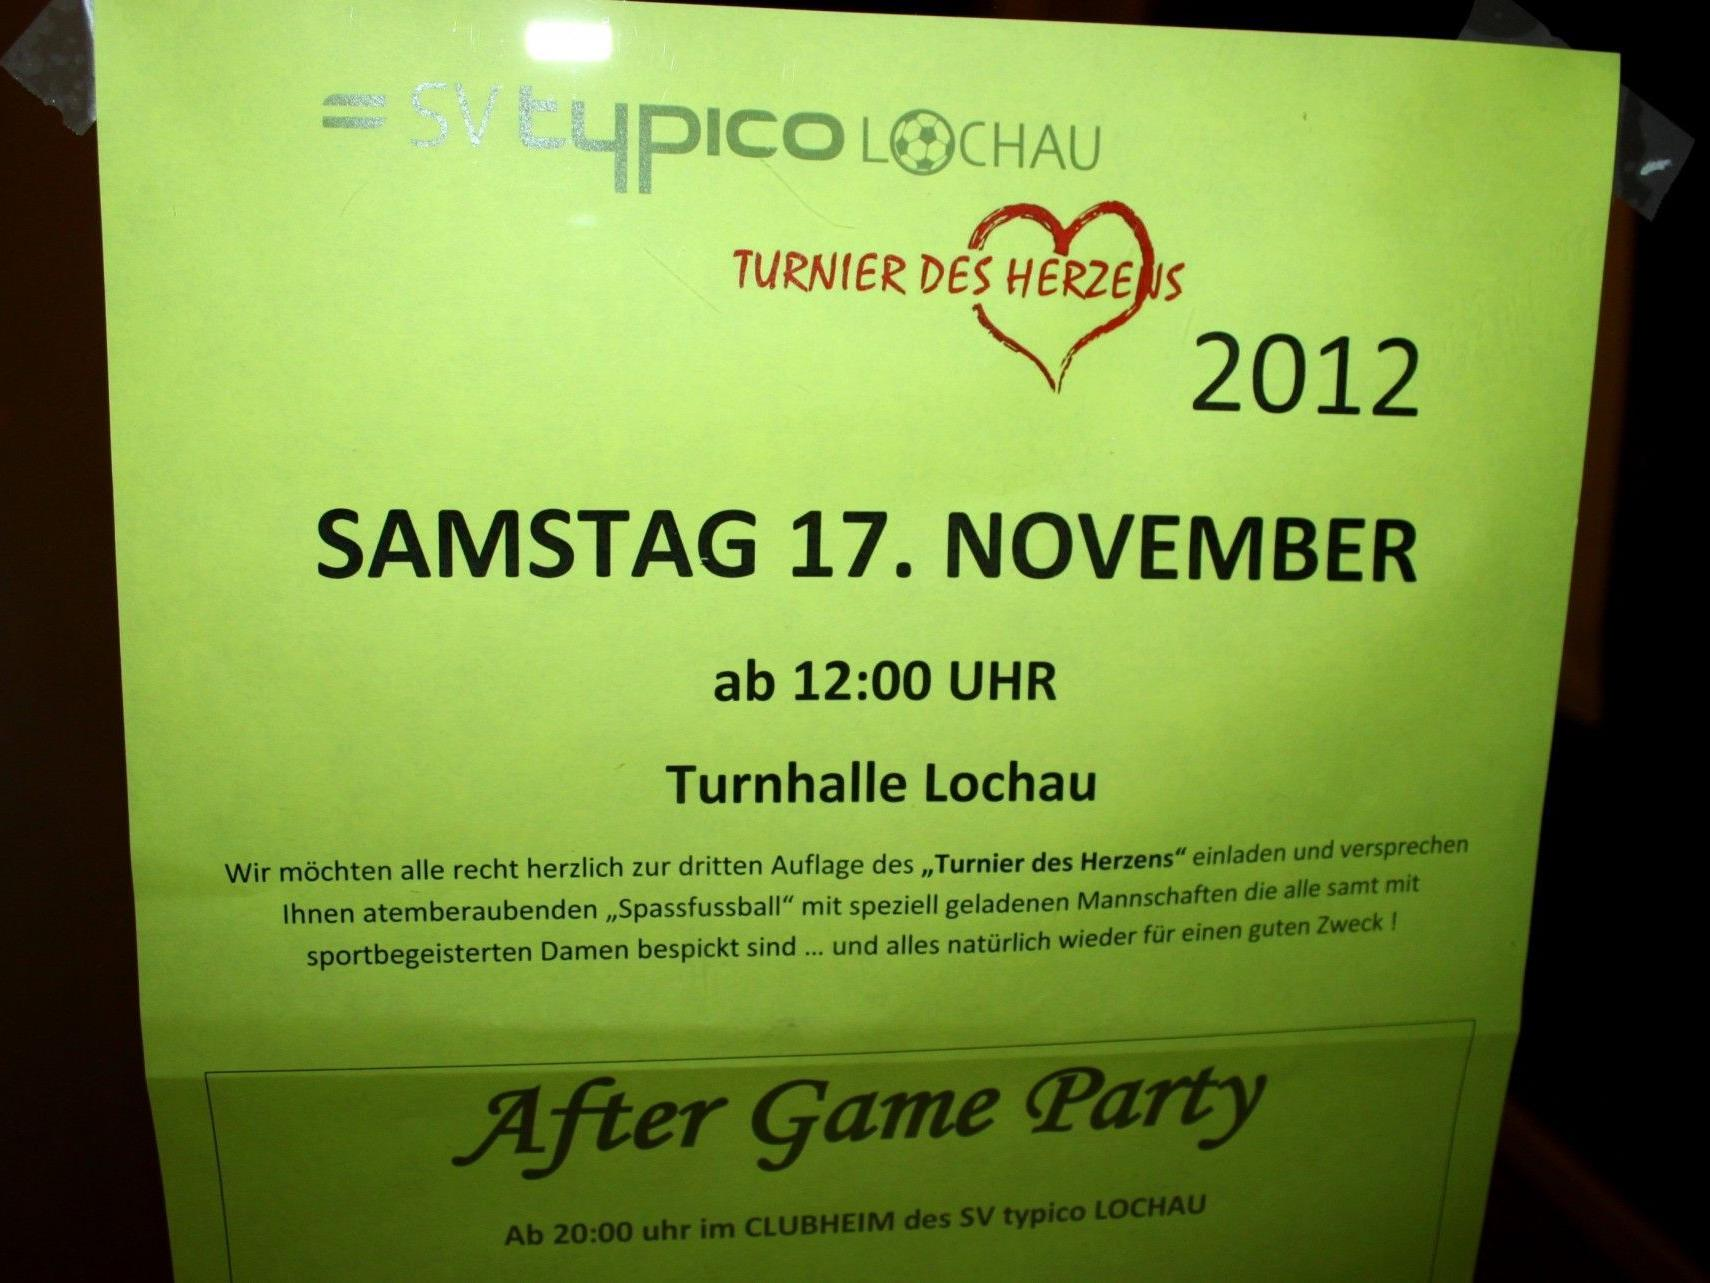 """Einladung zum """"Turnier des Herzens 2012"""", ein Spaßfußballturnier für einen guten Zweck."""